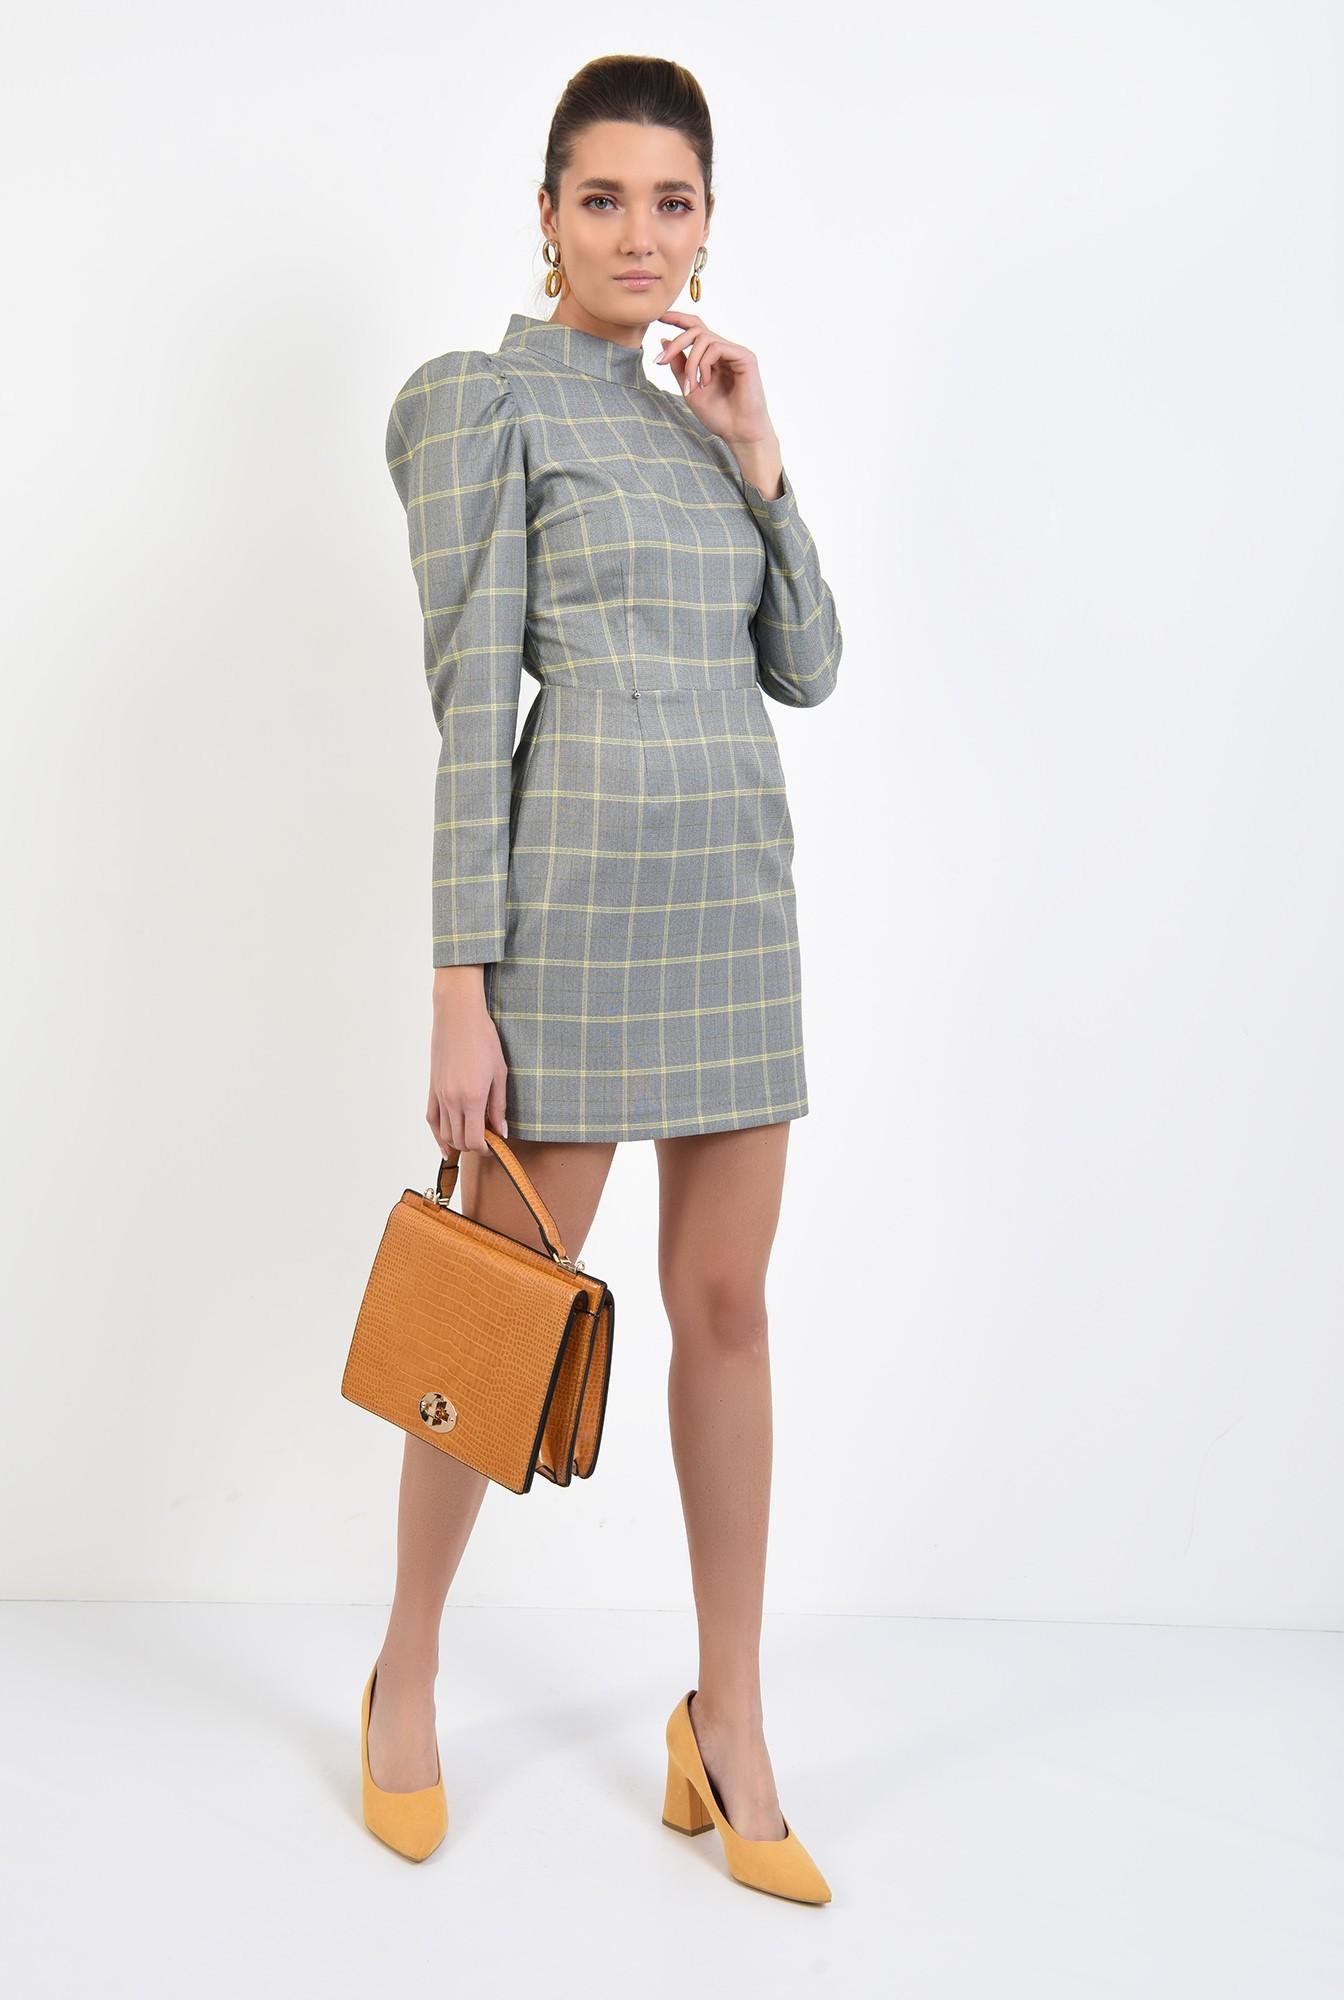 3 - 360 - rochie casual, scurta, in carouri, maneci lungi, guler aplicat